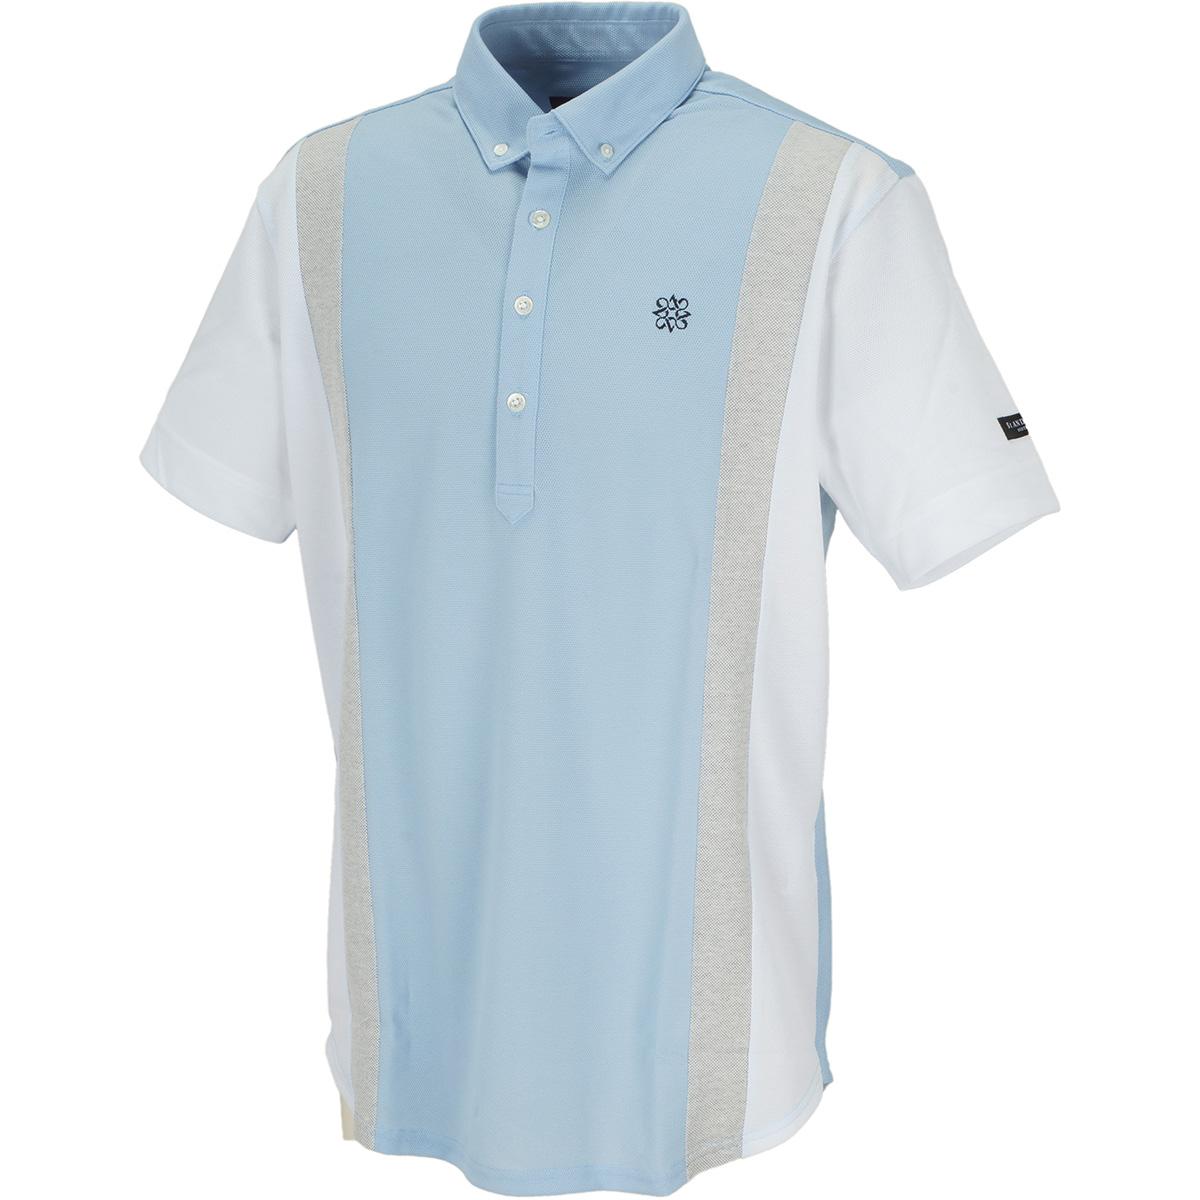 ピラミッド鹿の子配色半袖ポロシャツ